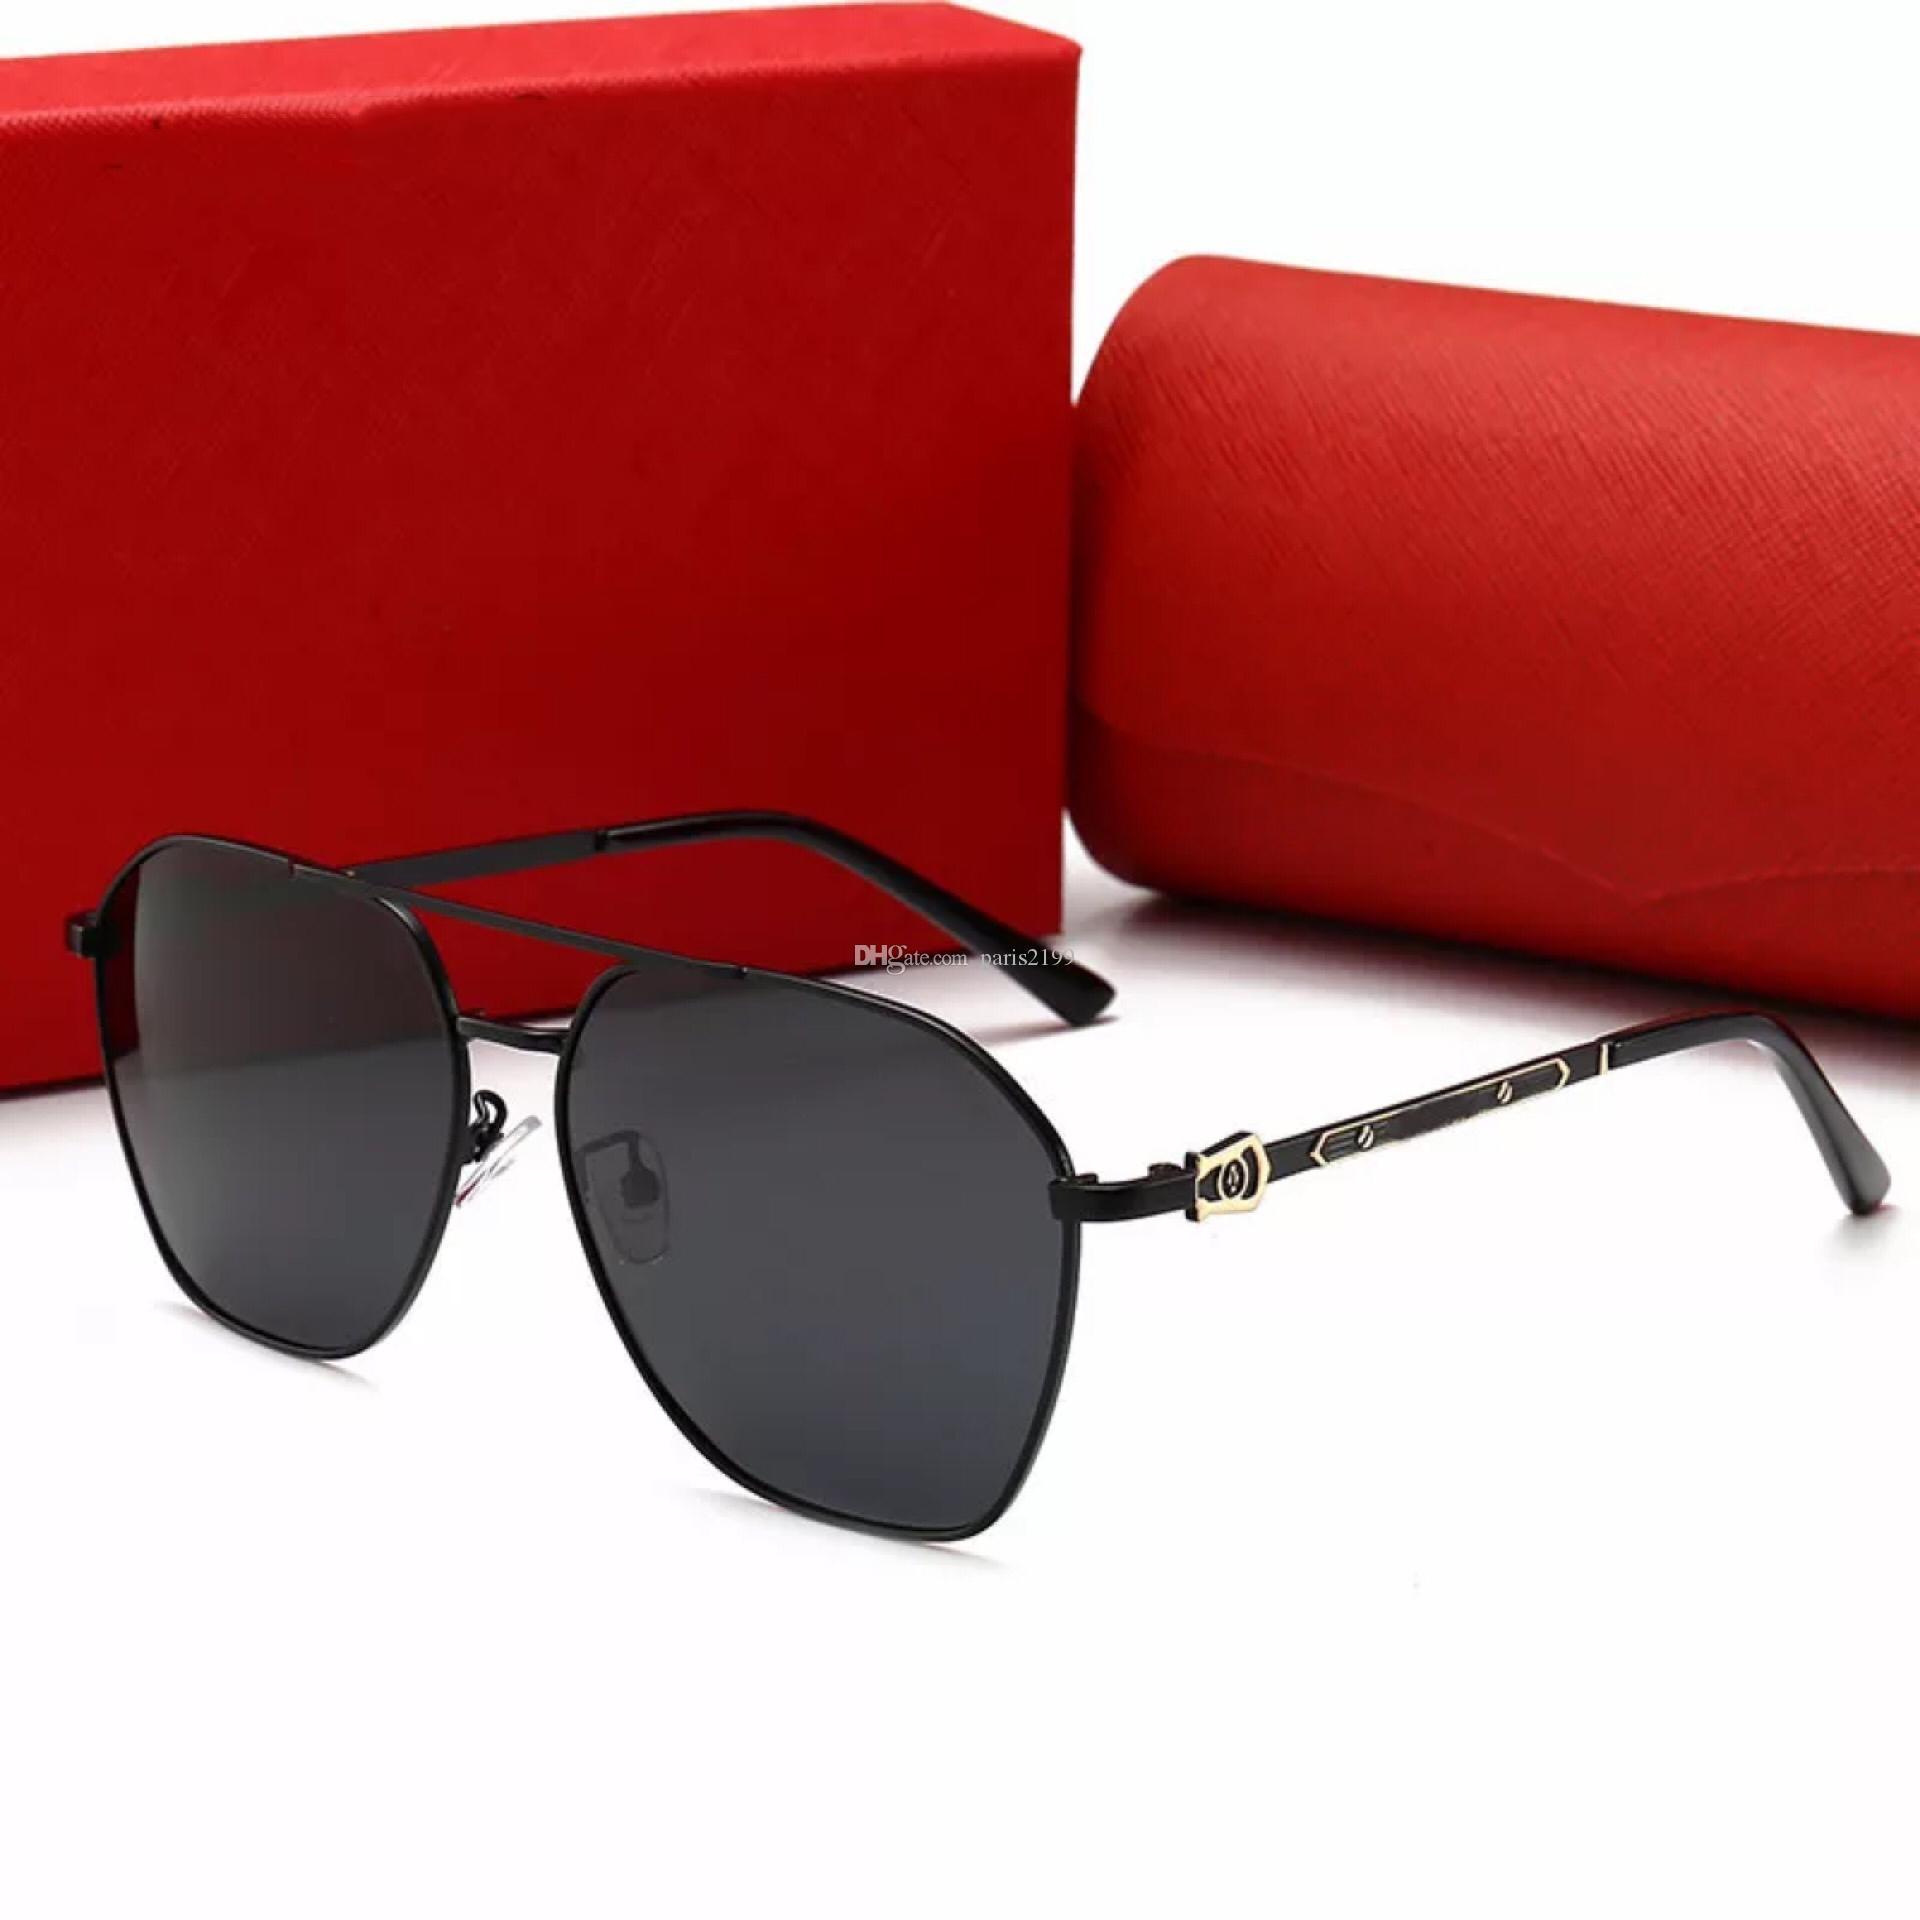 새로운 인기 높은 선글라스 명품 menWomen Square Summer Style 풀 프레임 최고급 자외선 차단 혼합 색상 선글라스